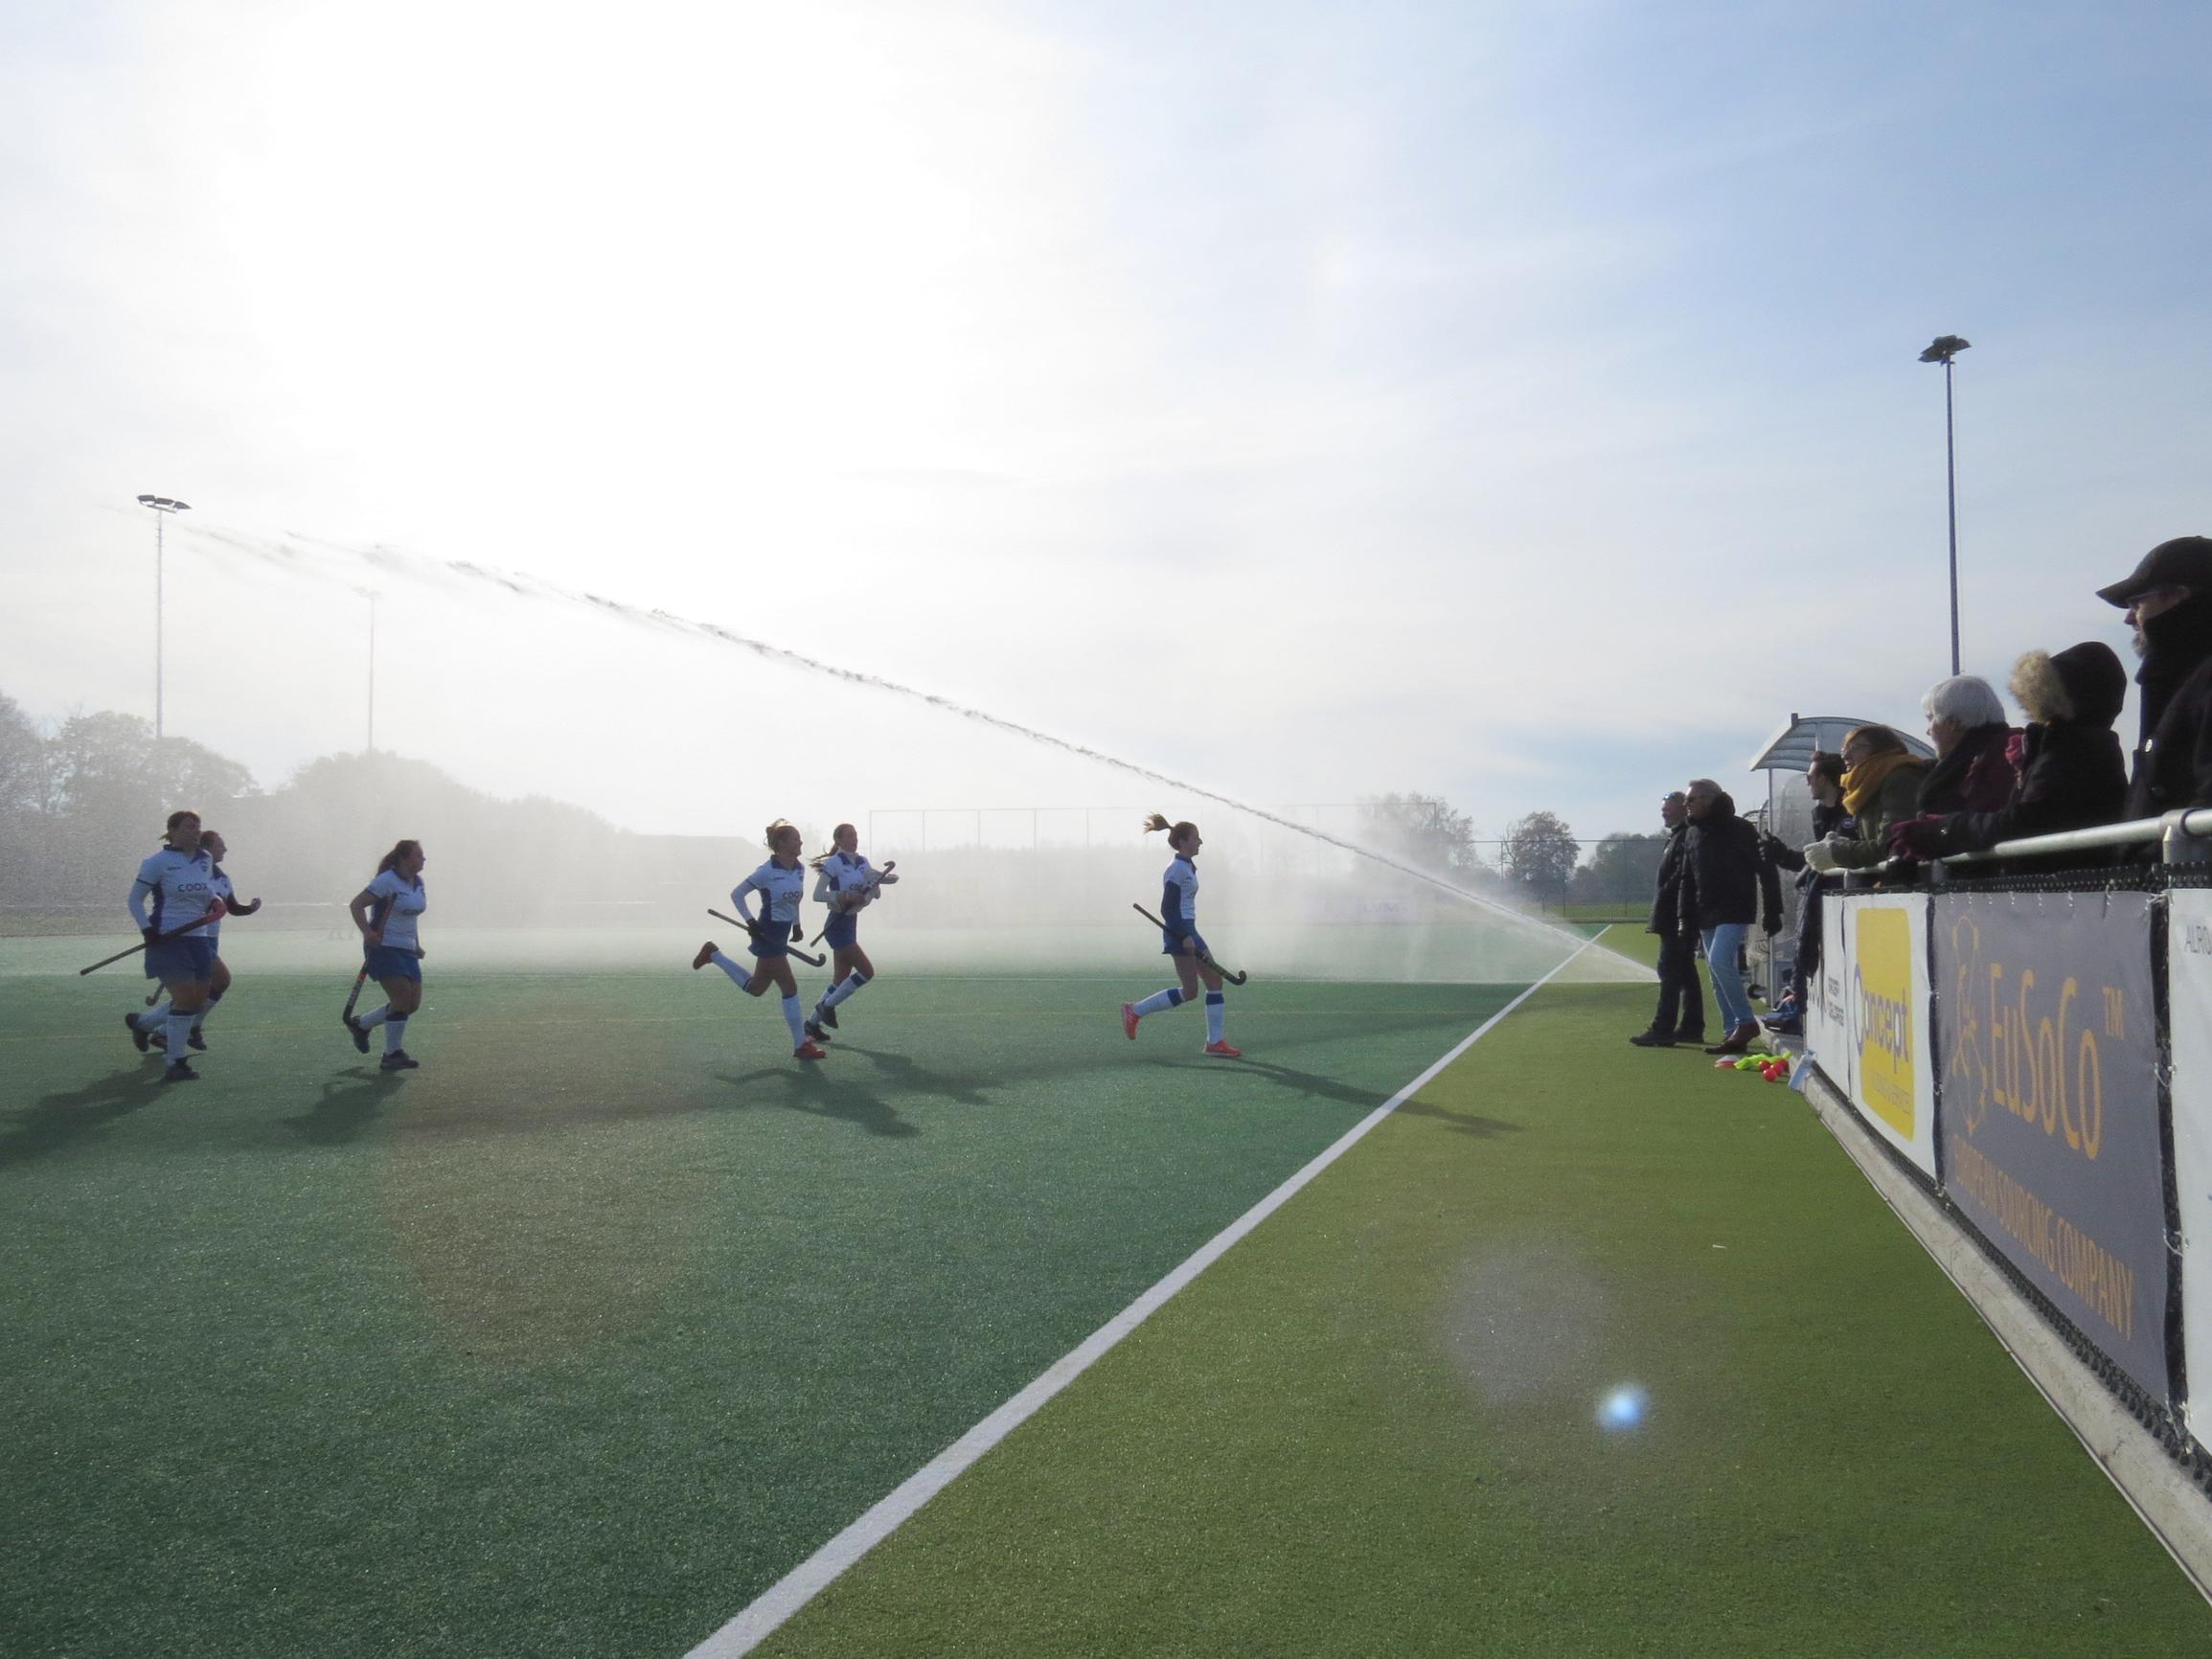 Kanonsproeiers beregenen hockeyveld voor elke wedstrijd